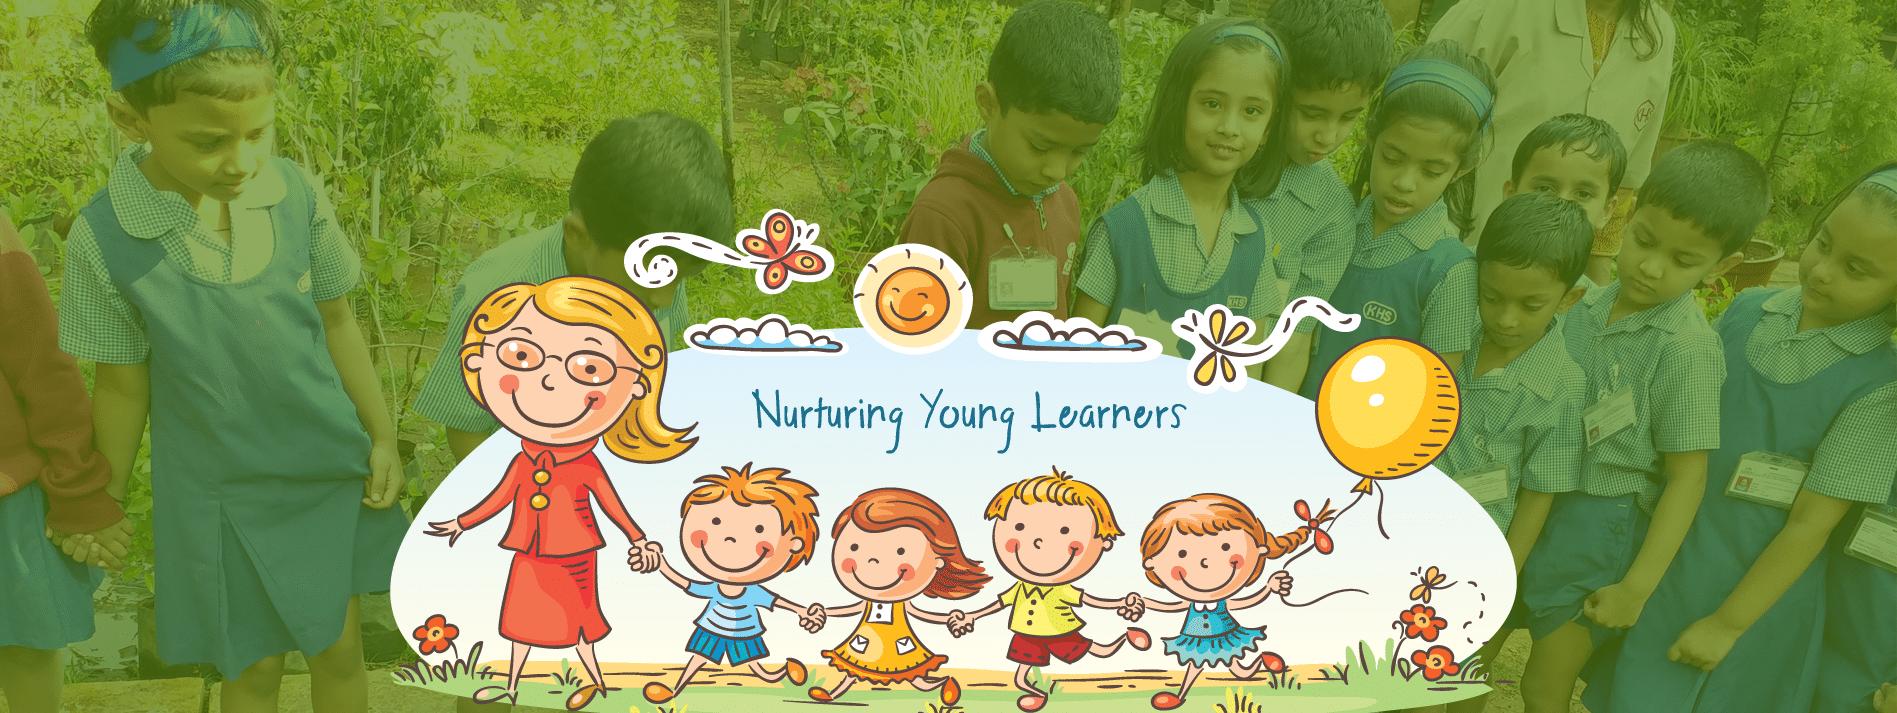 nurturing-leaders